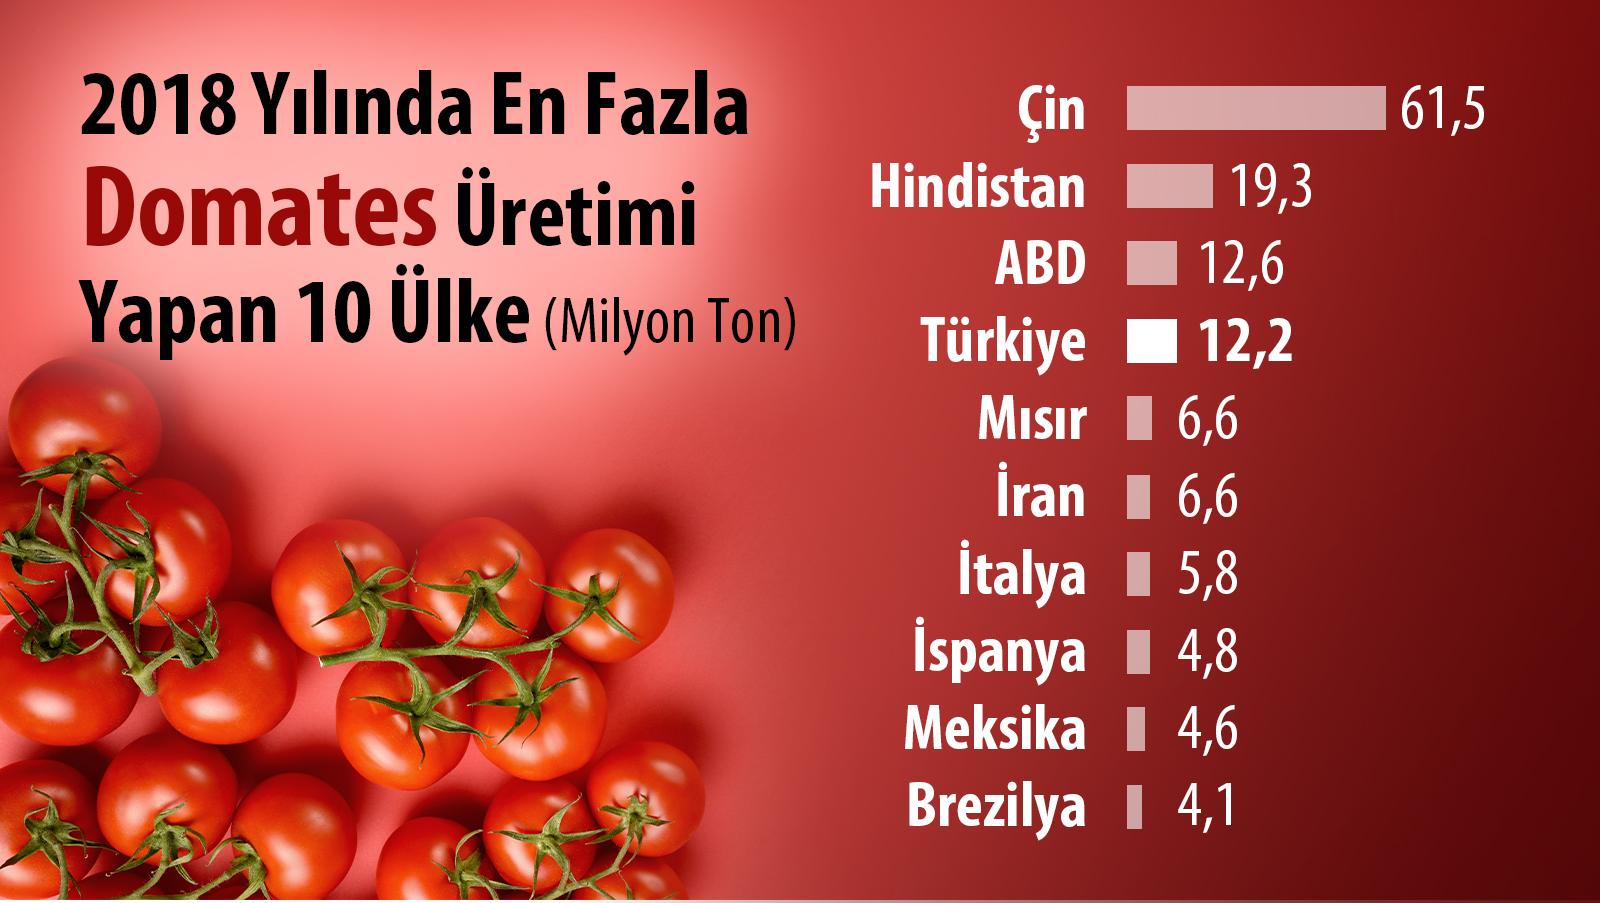 En çok domates üretimi yapan ülkeler 2018